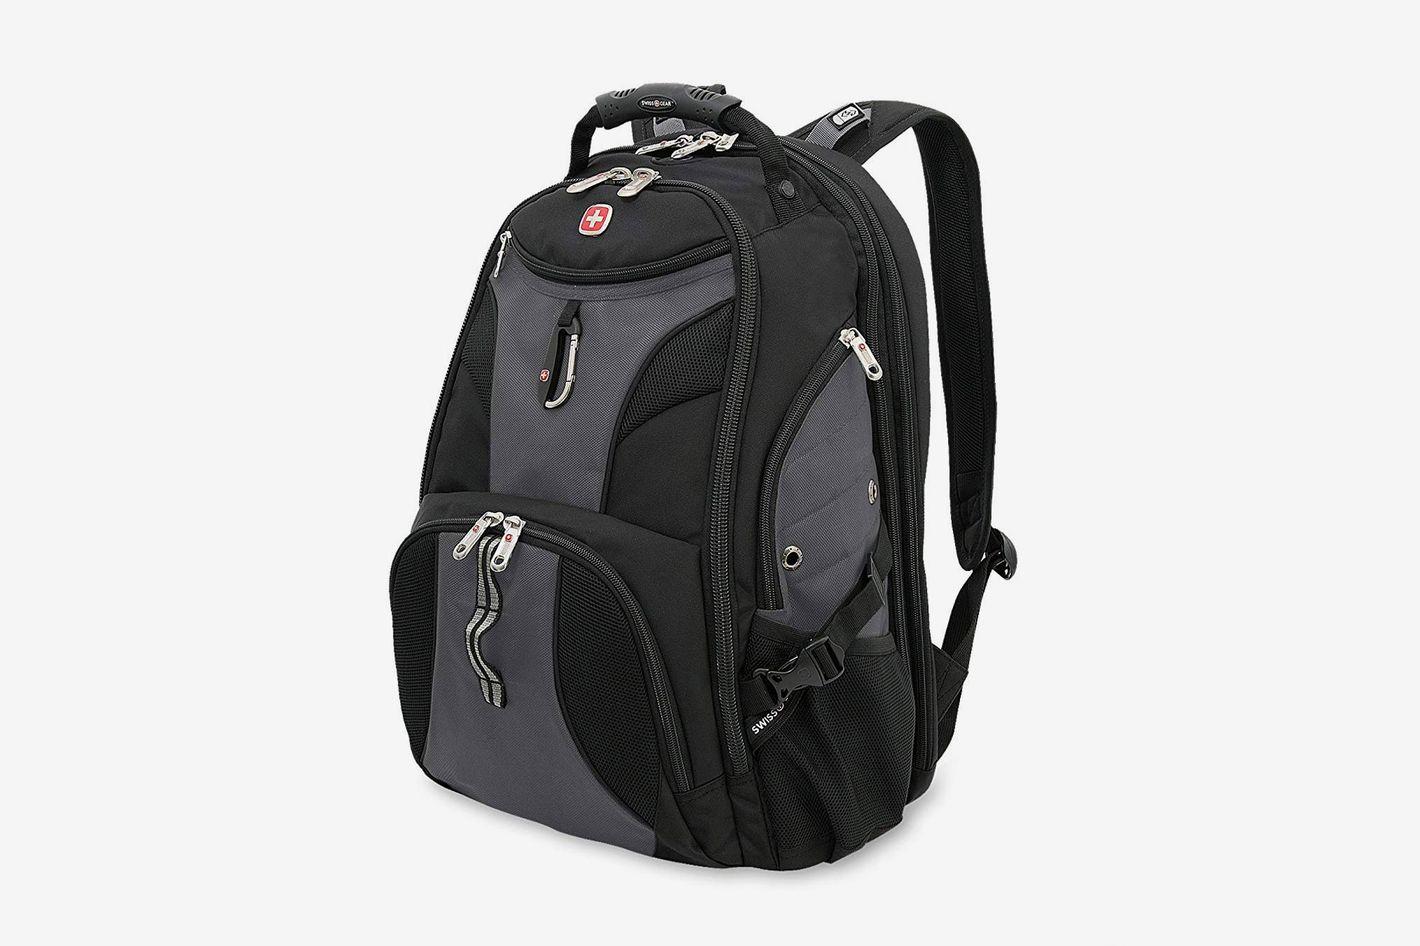 Swiss Gear Travel Gear 1900 Scansmart TSA Laptop Backpack